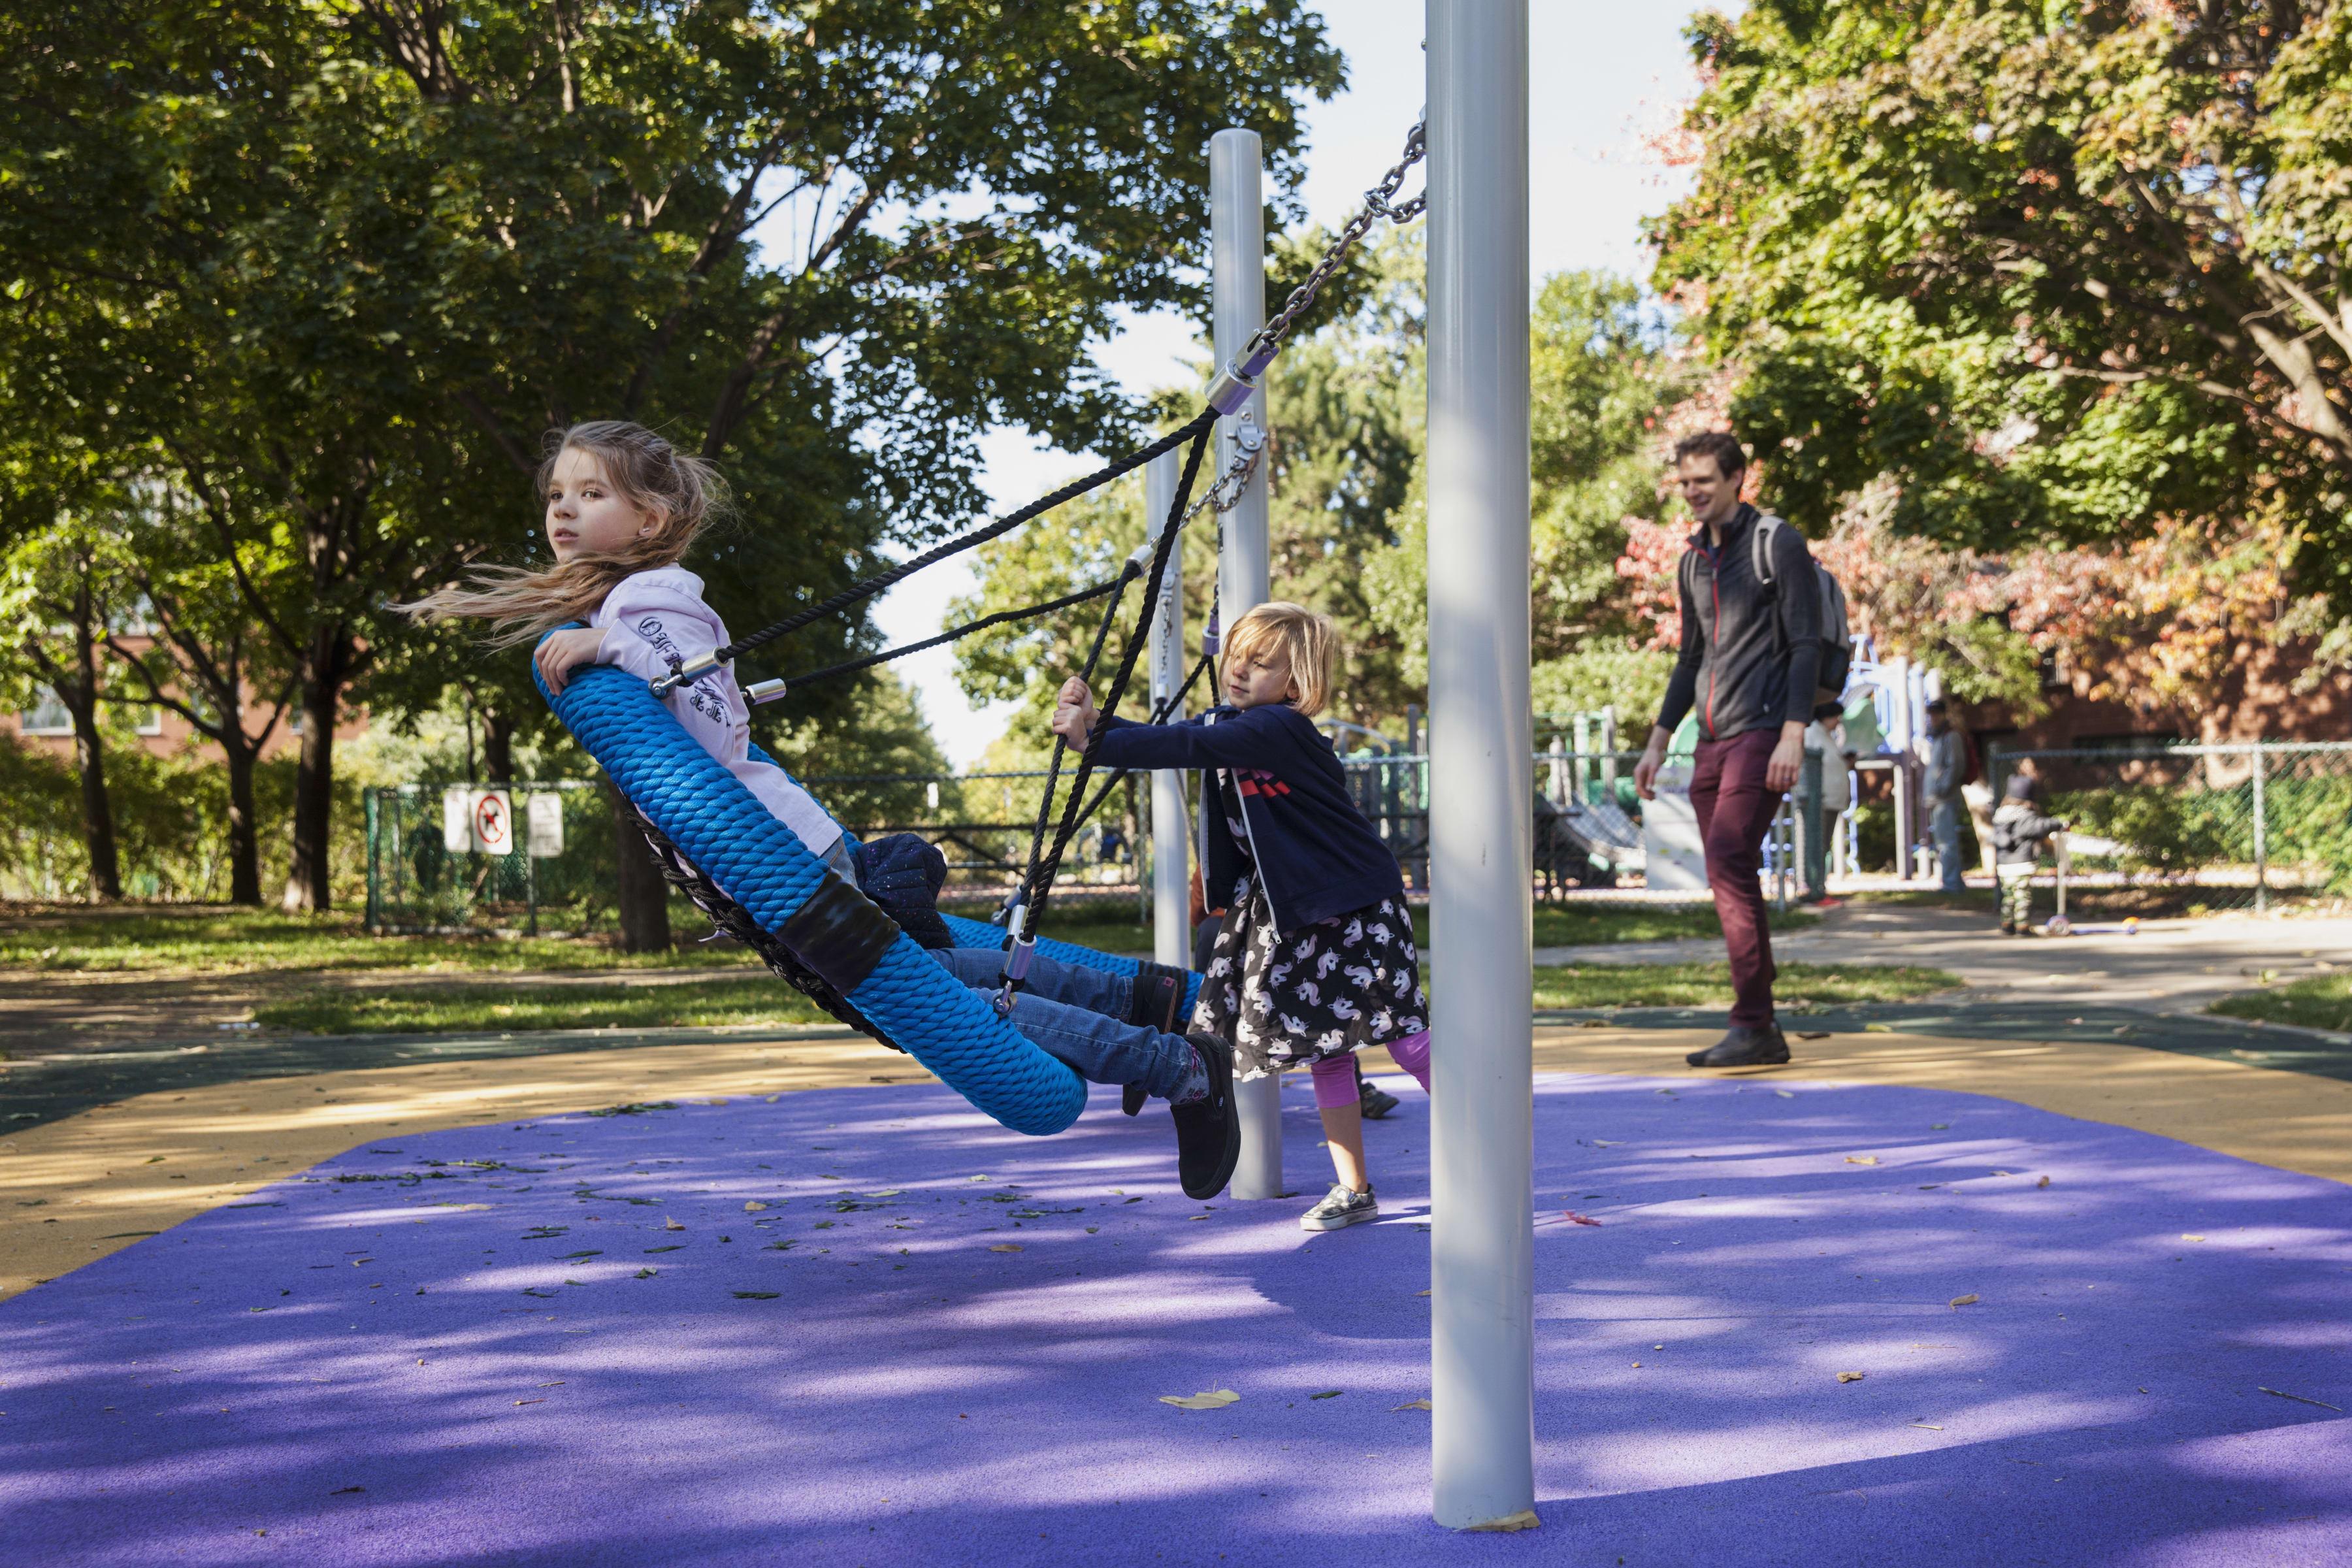 Jeux universellement accessibles au parc du Lac-à-la-Loutre